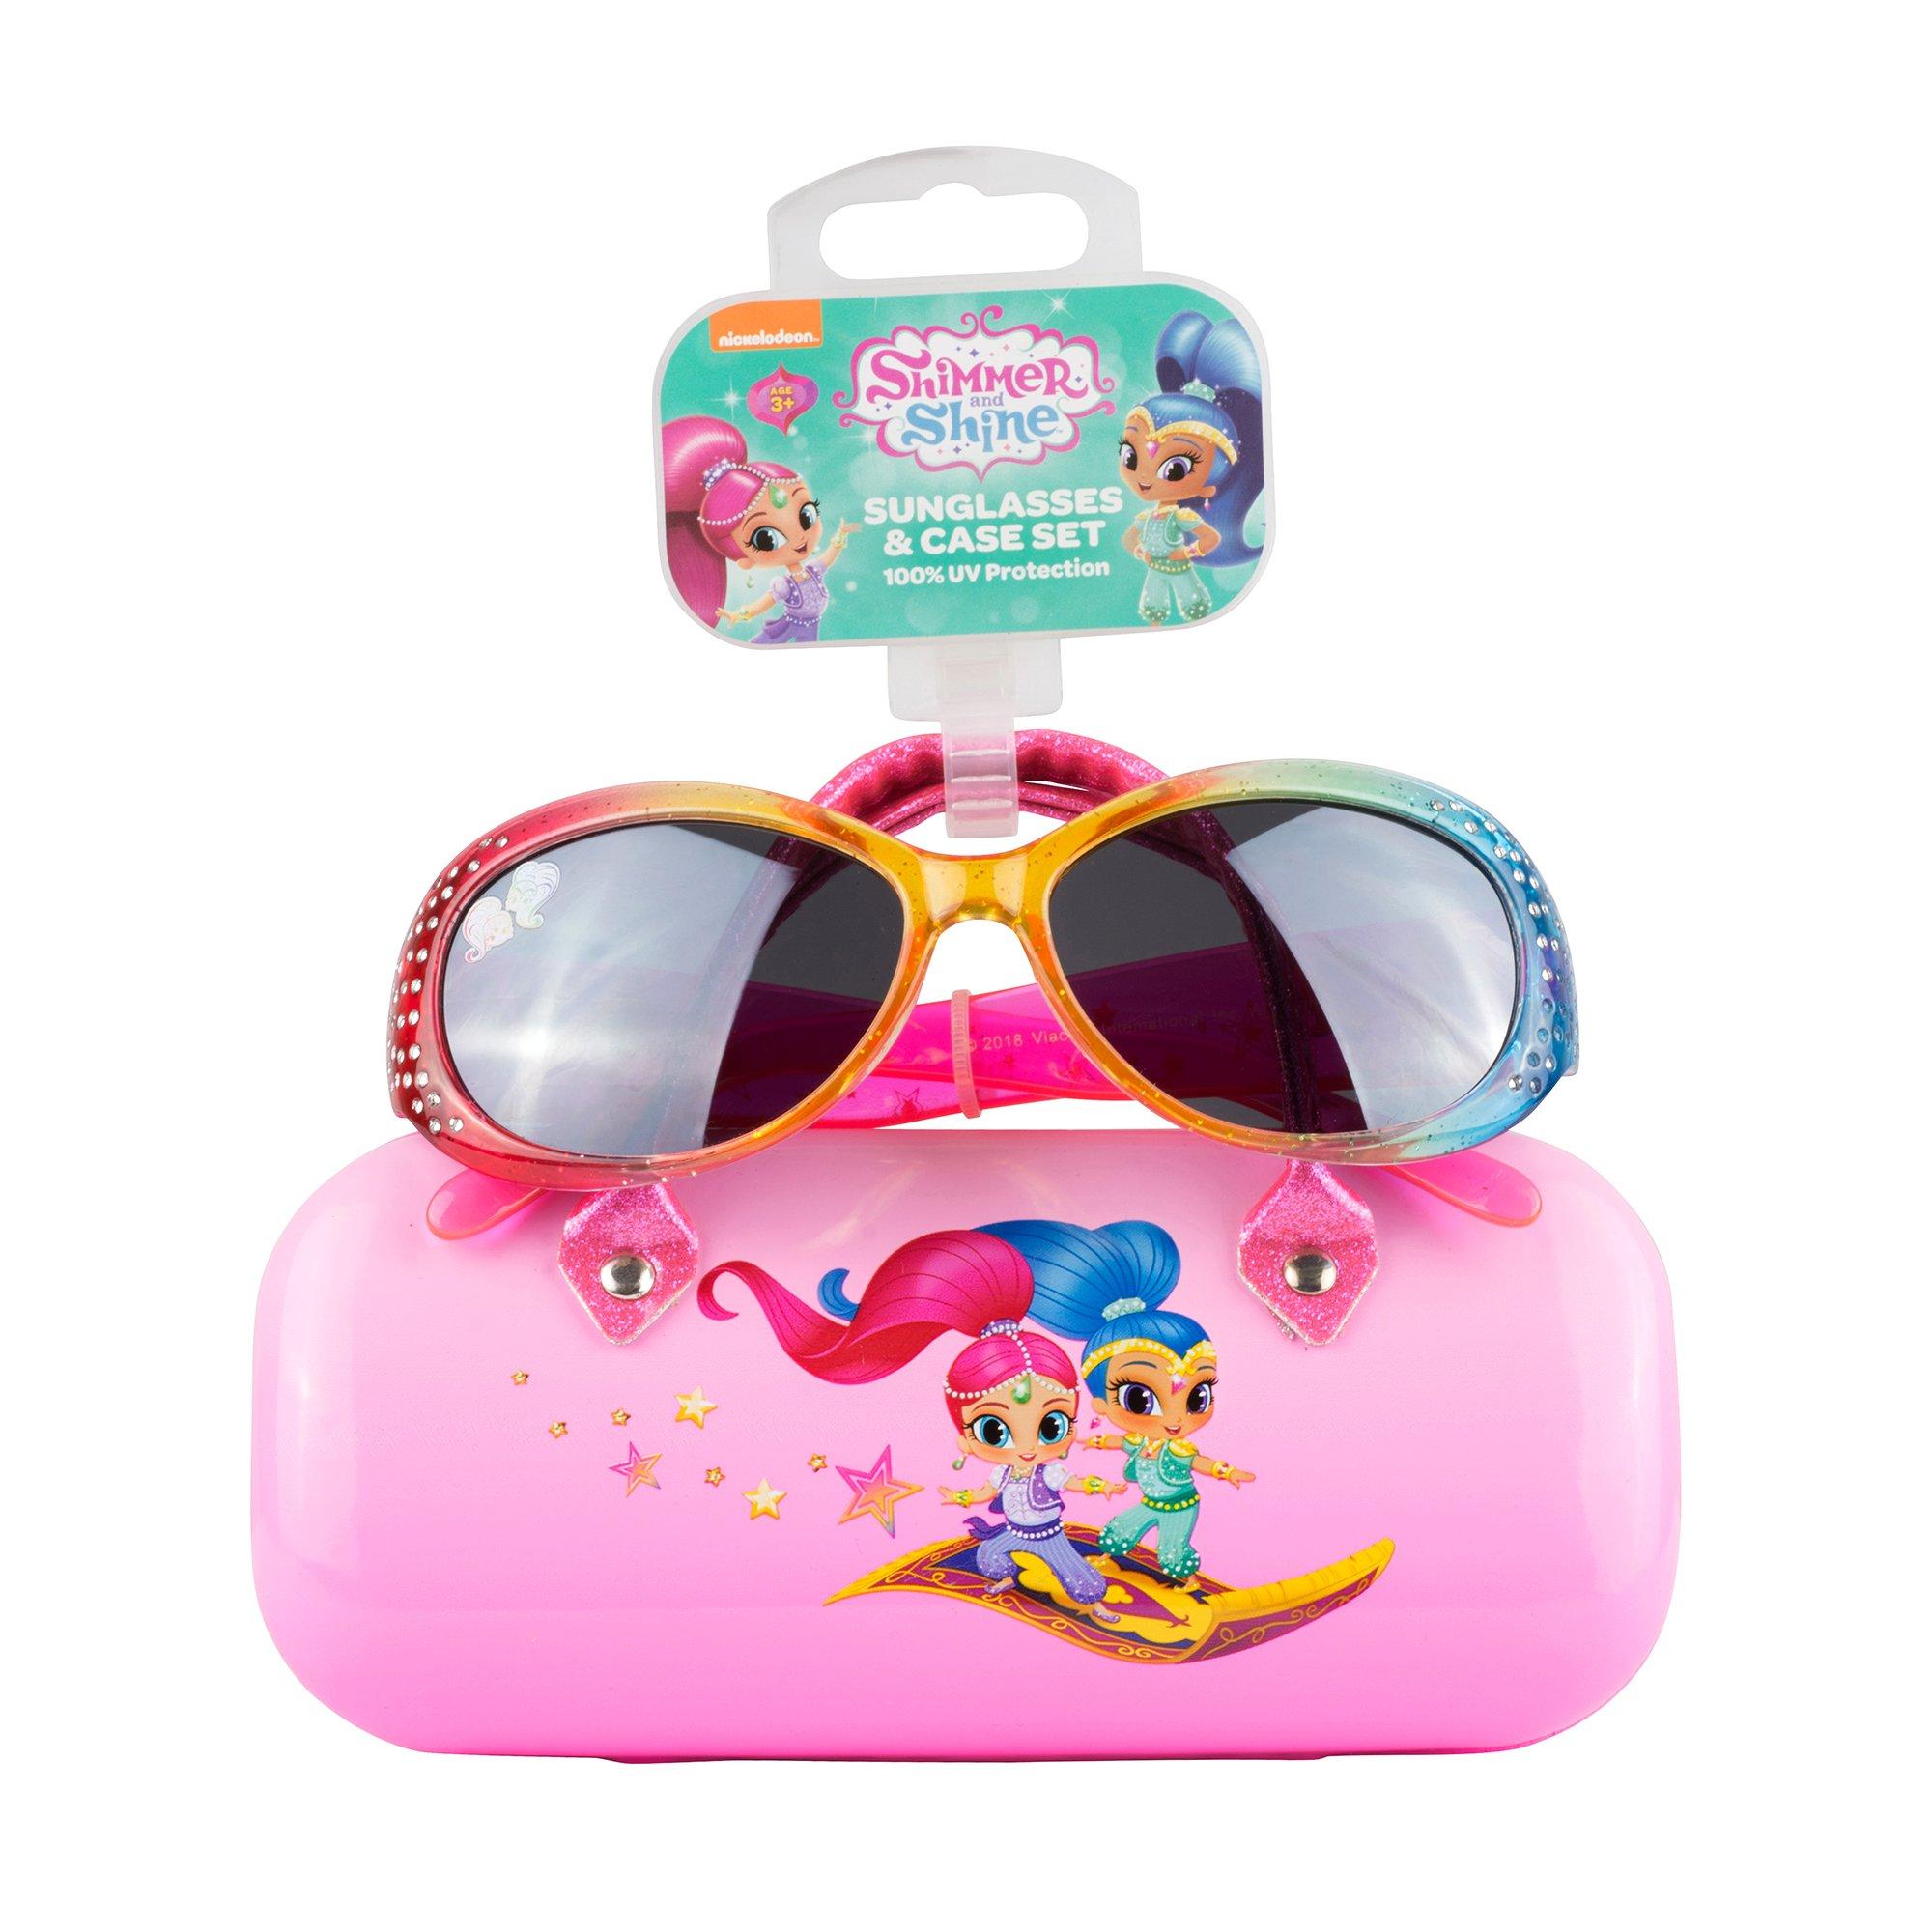 Shimmer & Shine Sunglasses &Hard shell Carrying Case Set for Girls - 100% UV Protection for Kids